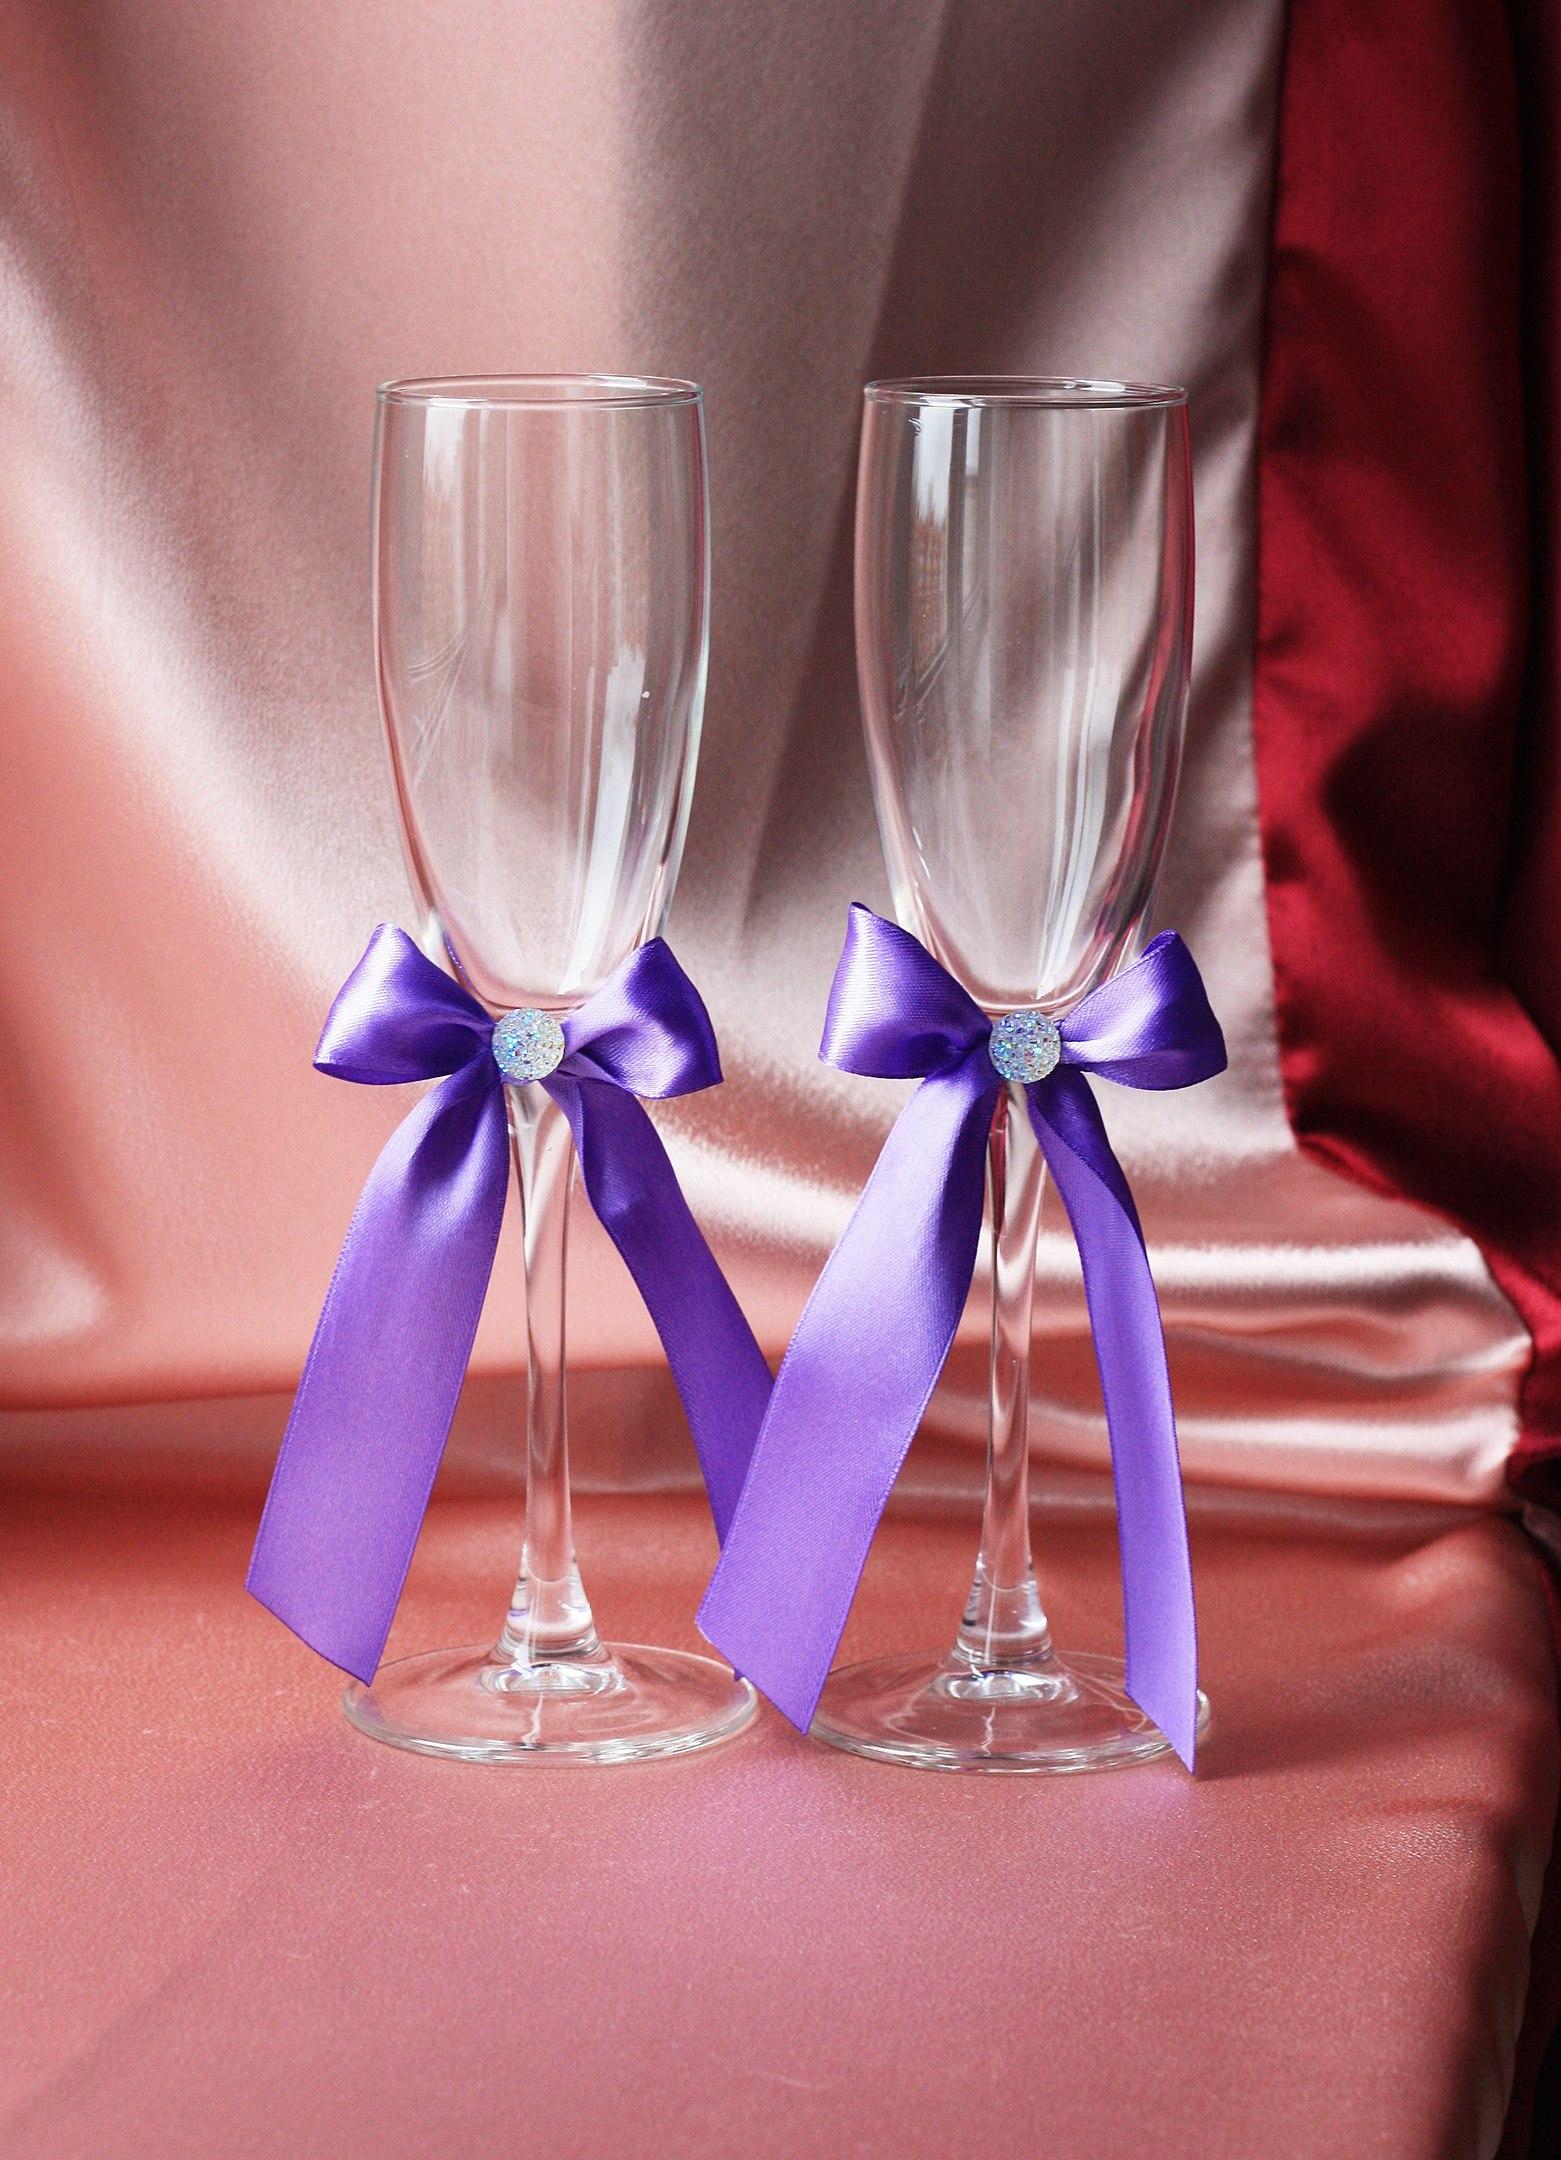 Лентами украшаем бокалы на свадьбу своими руками 188